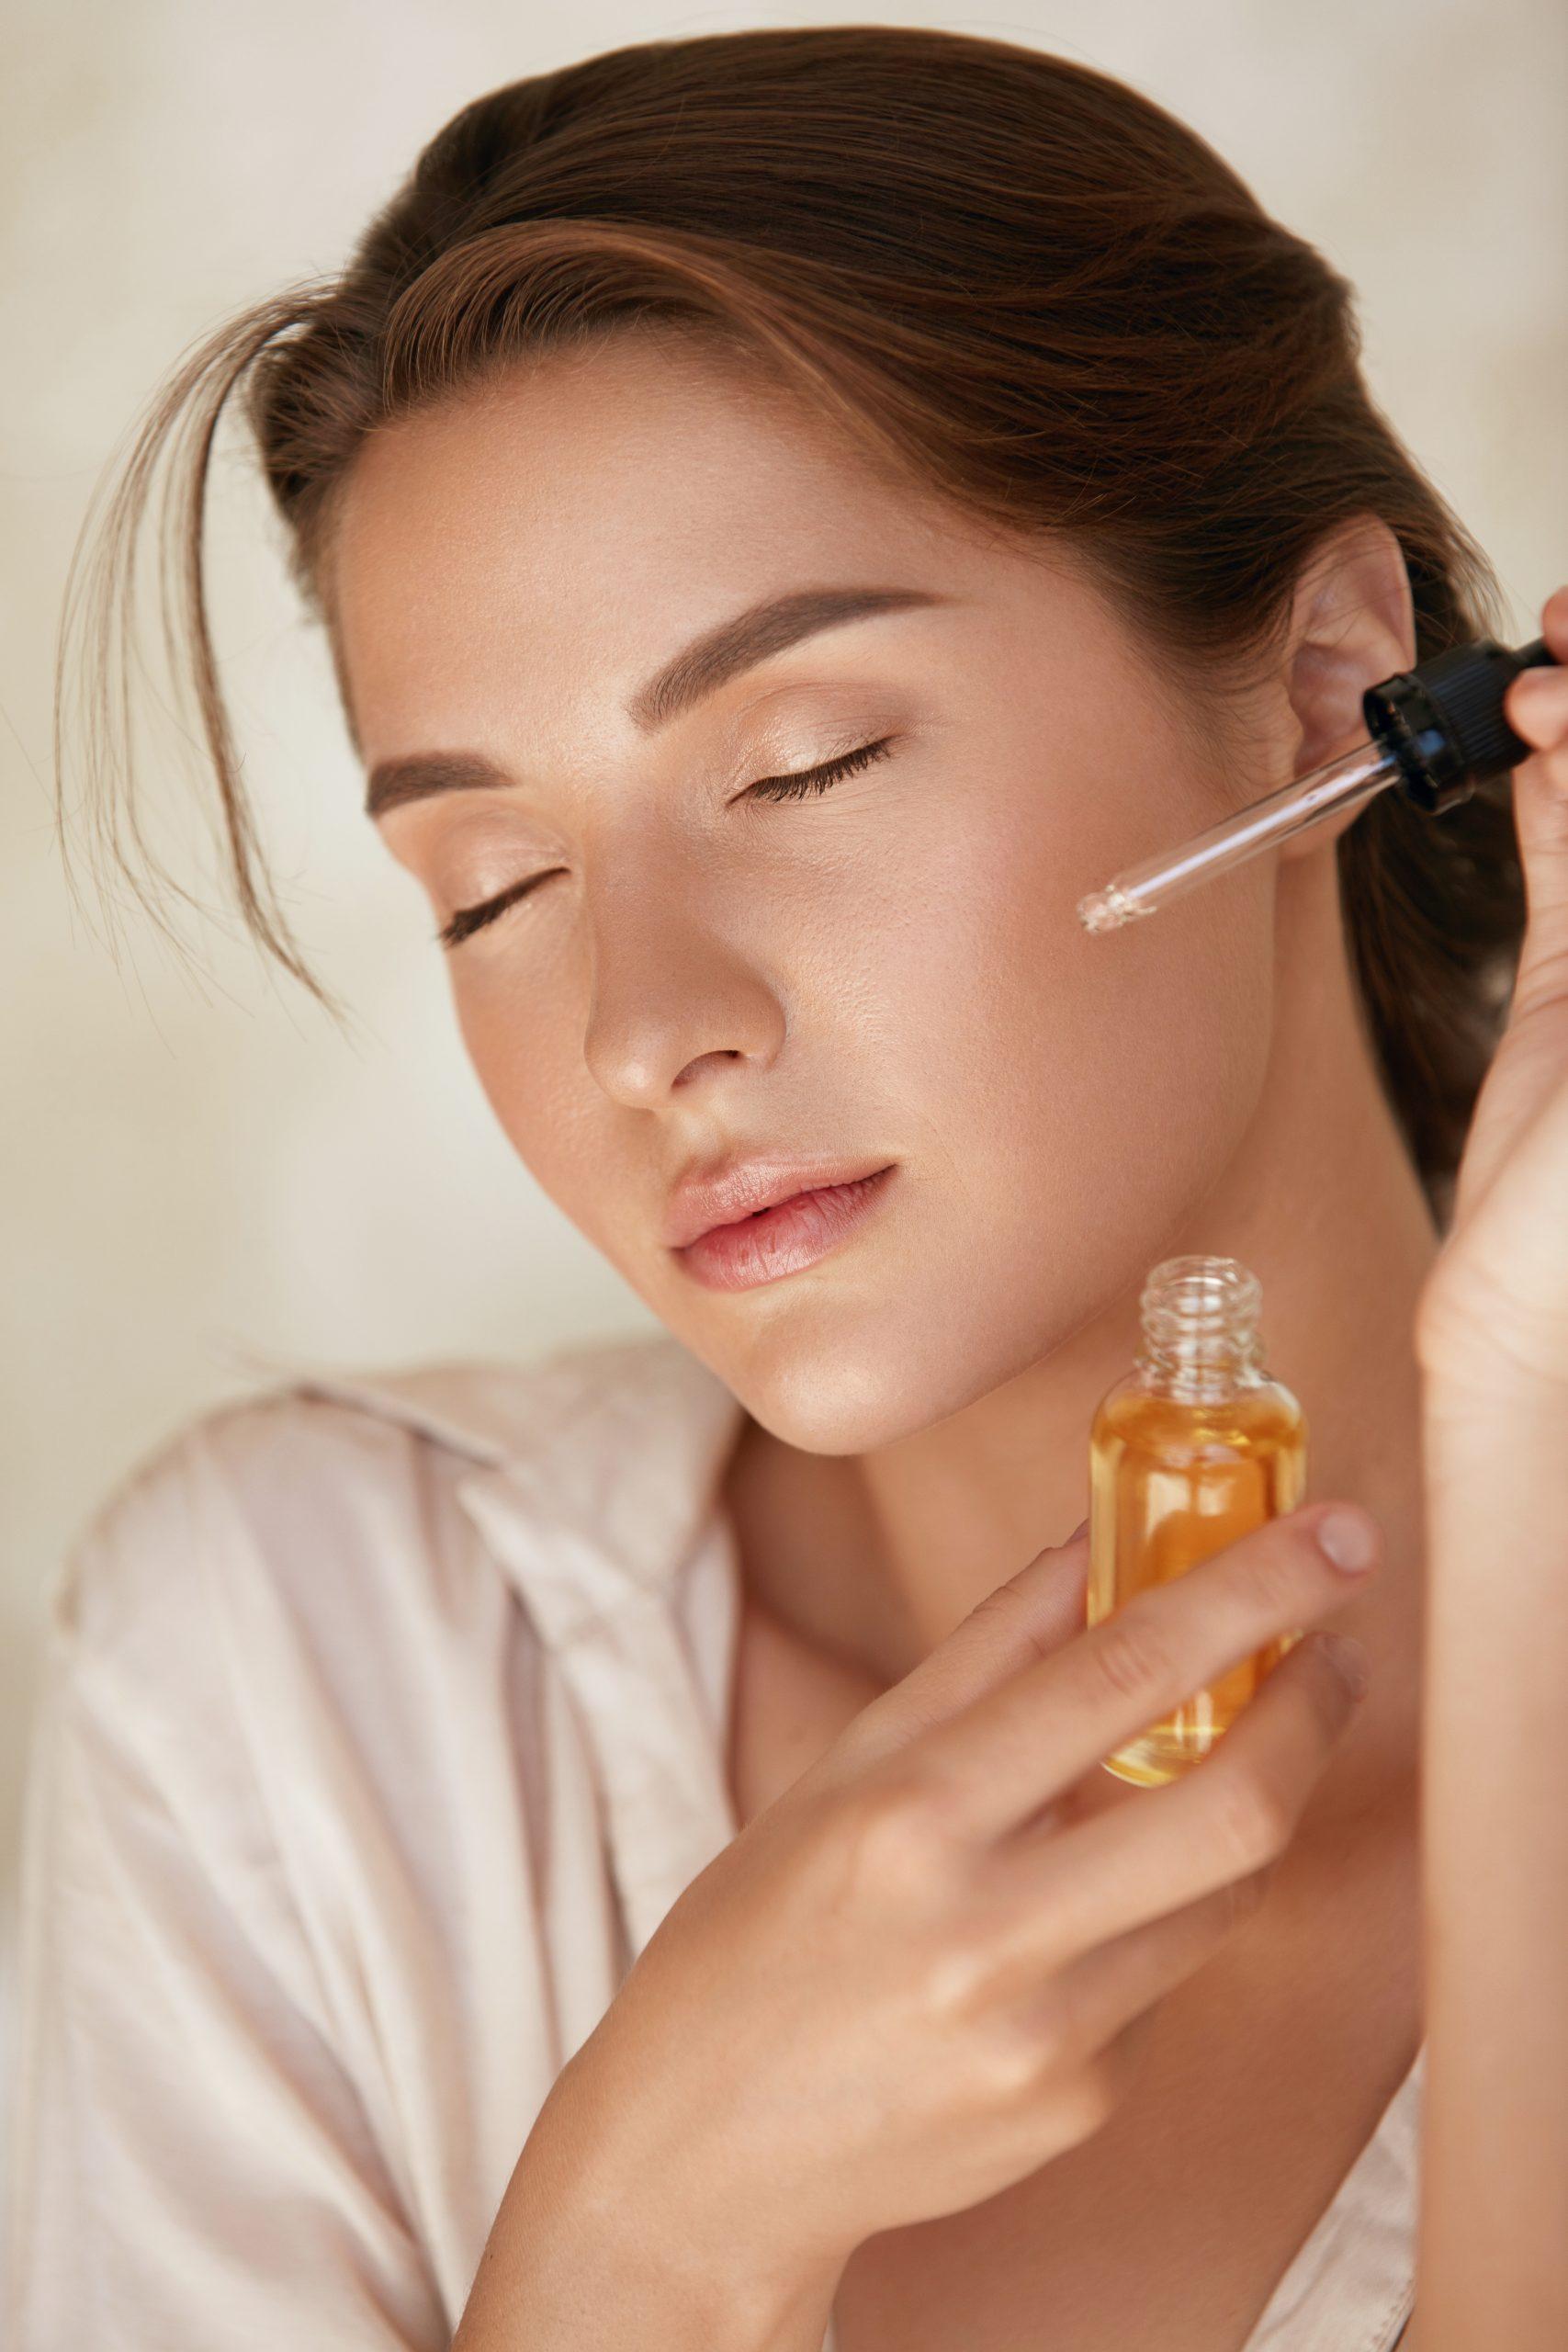 Βιταμίνη Ε: Το μαγικό συστατικό ομορφιάς που αξίζει μία θέση στη beauty ρουτίνα σου